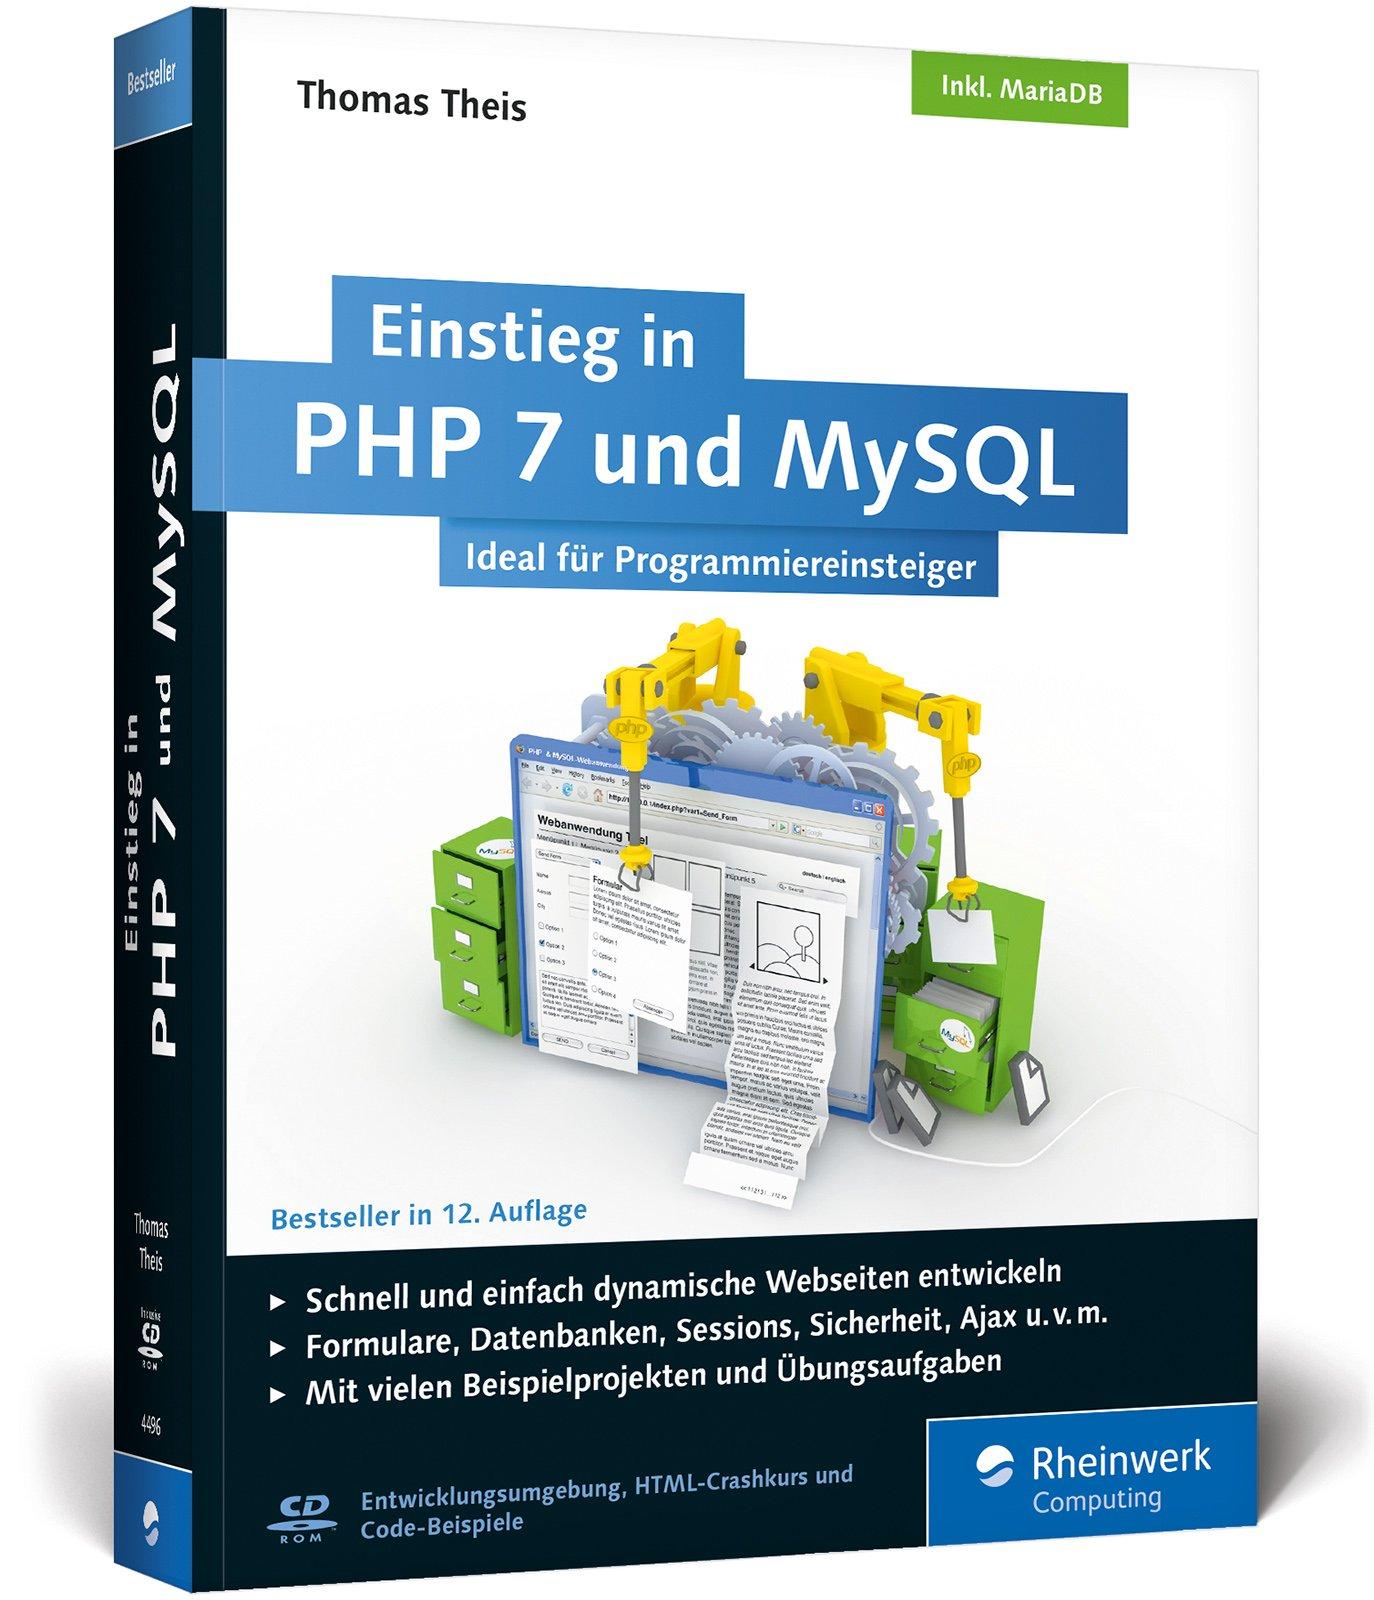 Einstieg in PHP 7 und MySQL: Für Programmieranfänger geeignet. So programmieren Sie dynamische Websites mit PHP und MySQL. Inkl. MariaDB Taschenbuch – 27. März 2017 Thomas Theis Rheinwerk Computing 3836244969 COMPUTERS / General